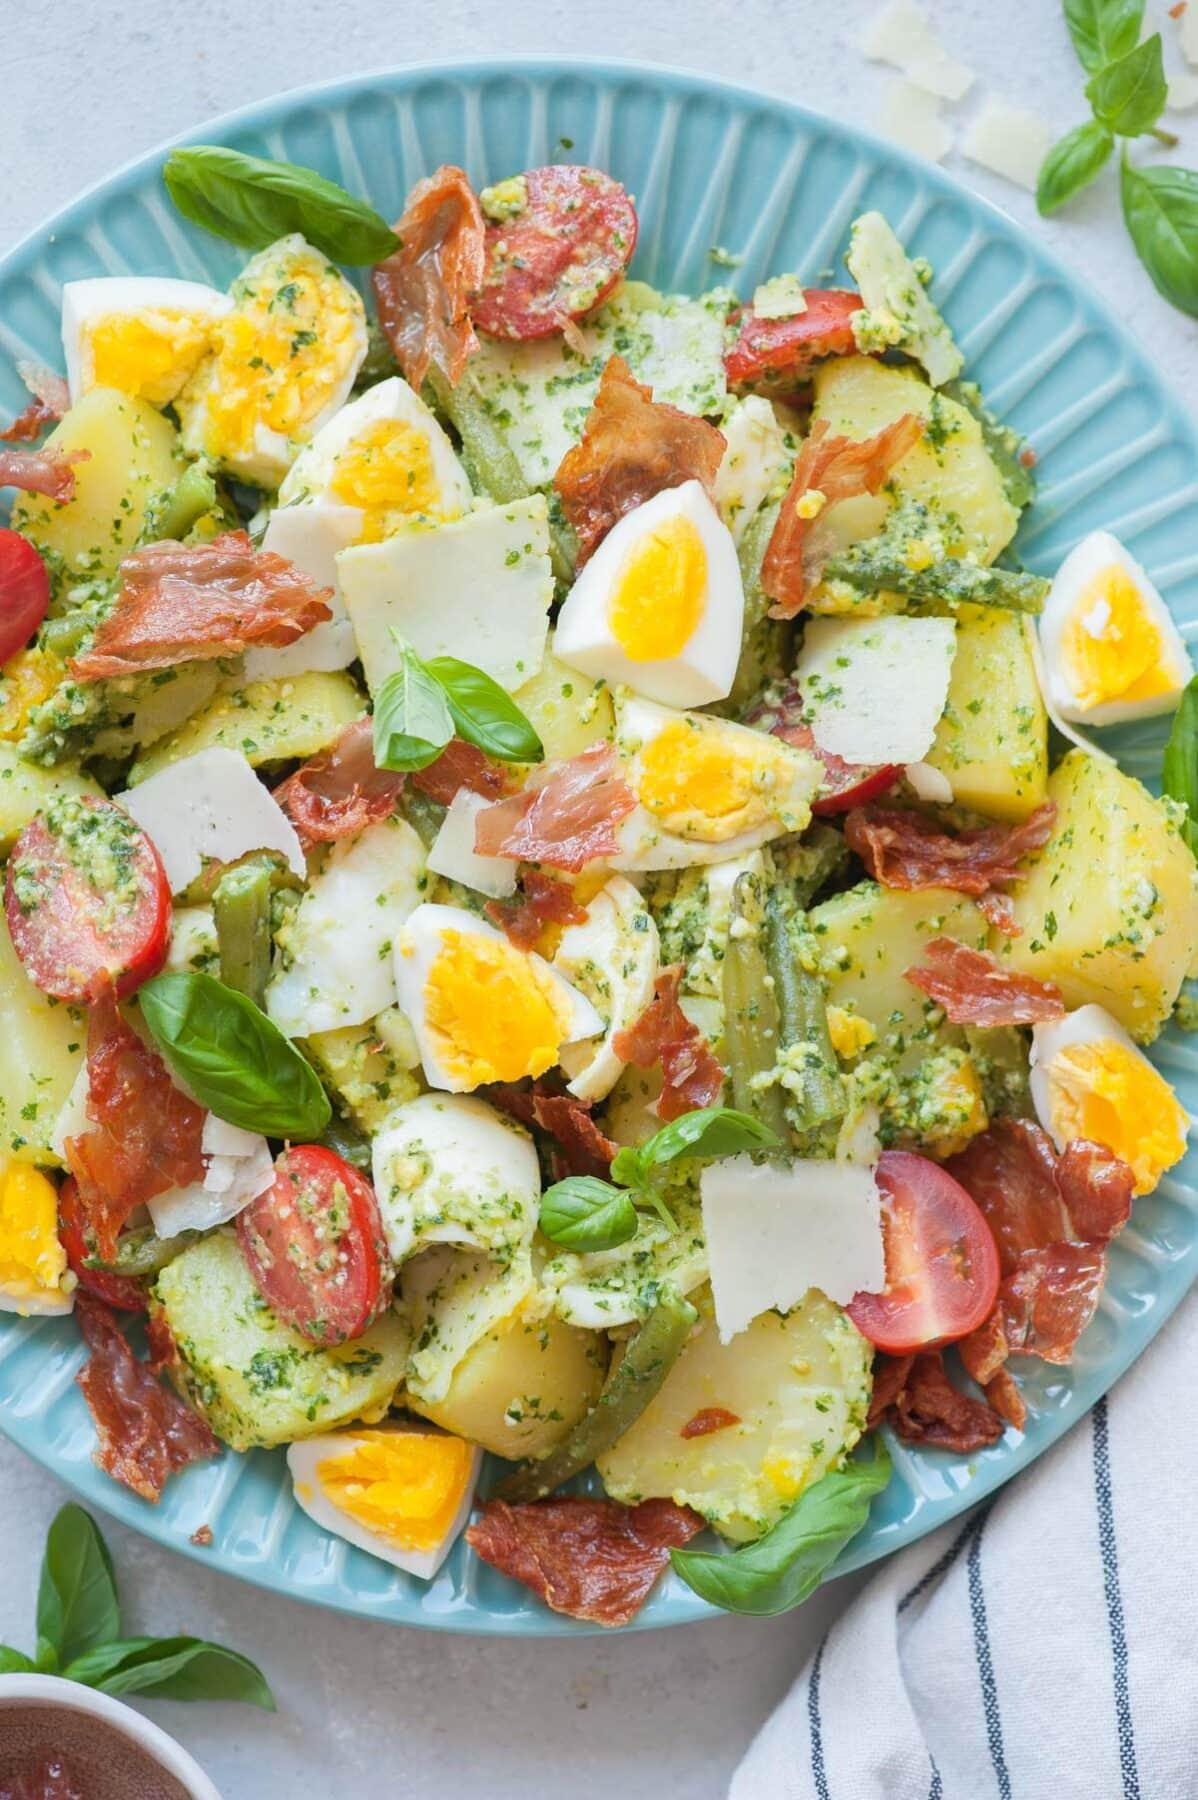 Sałatka ziemniaczana z pesto, jajkami i fasolką szparagową, pomidorkami cherry i szynką prosciutto na niebieskim talerzu.